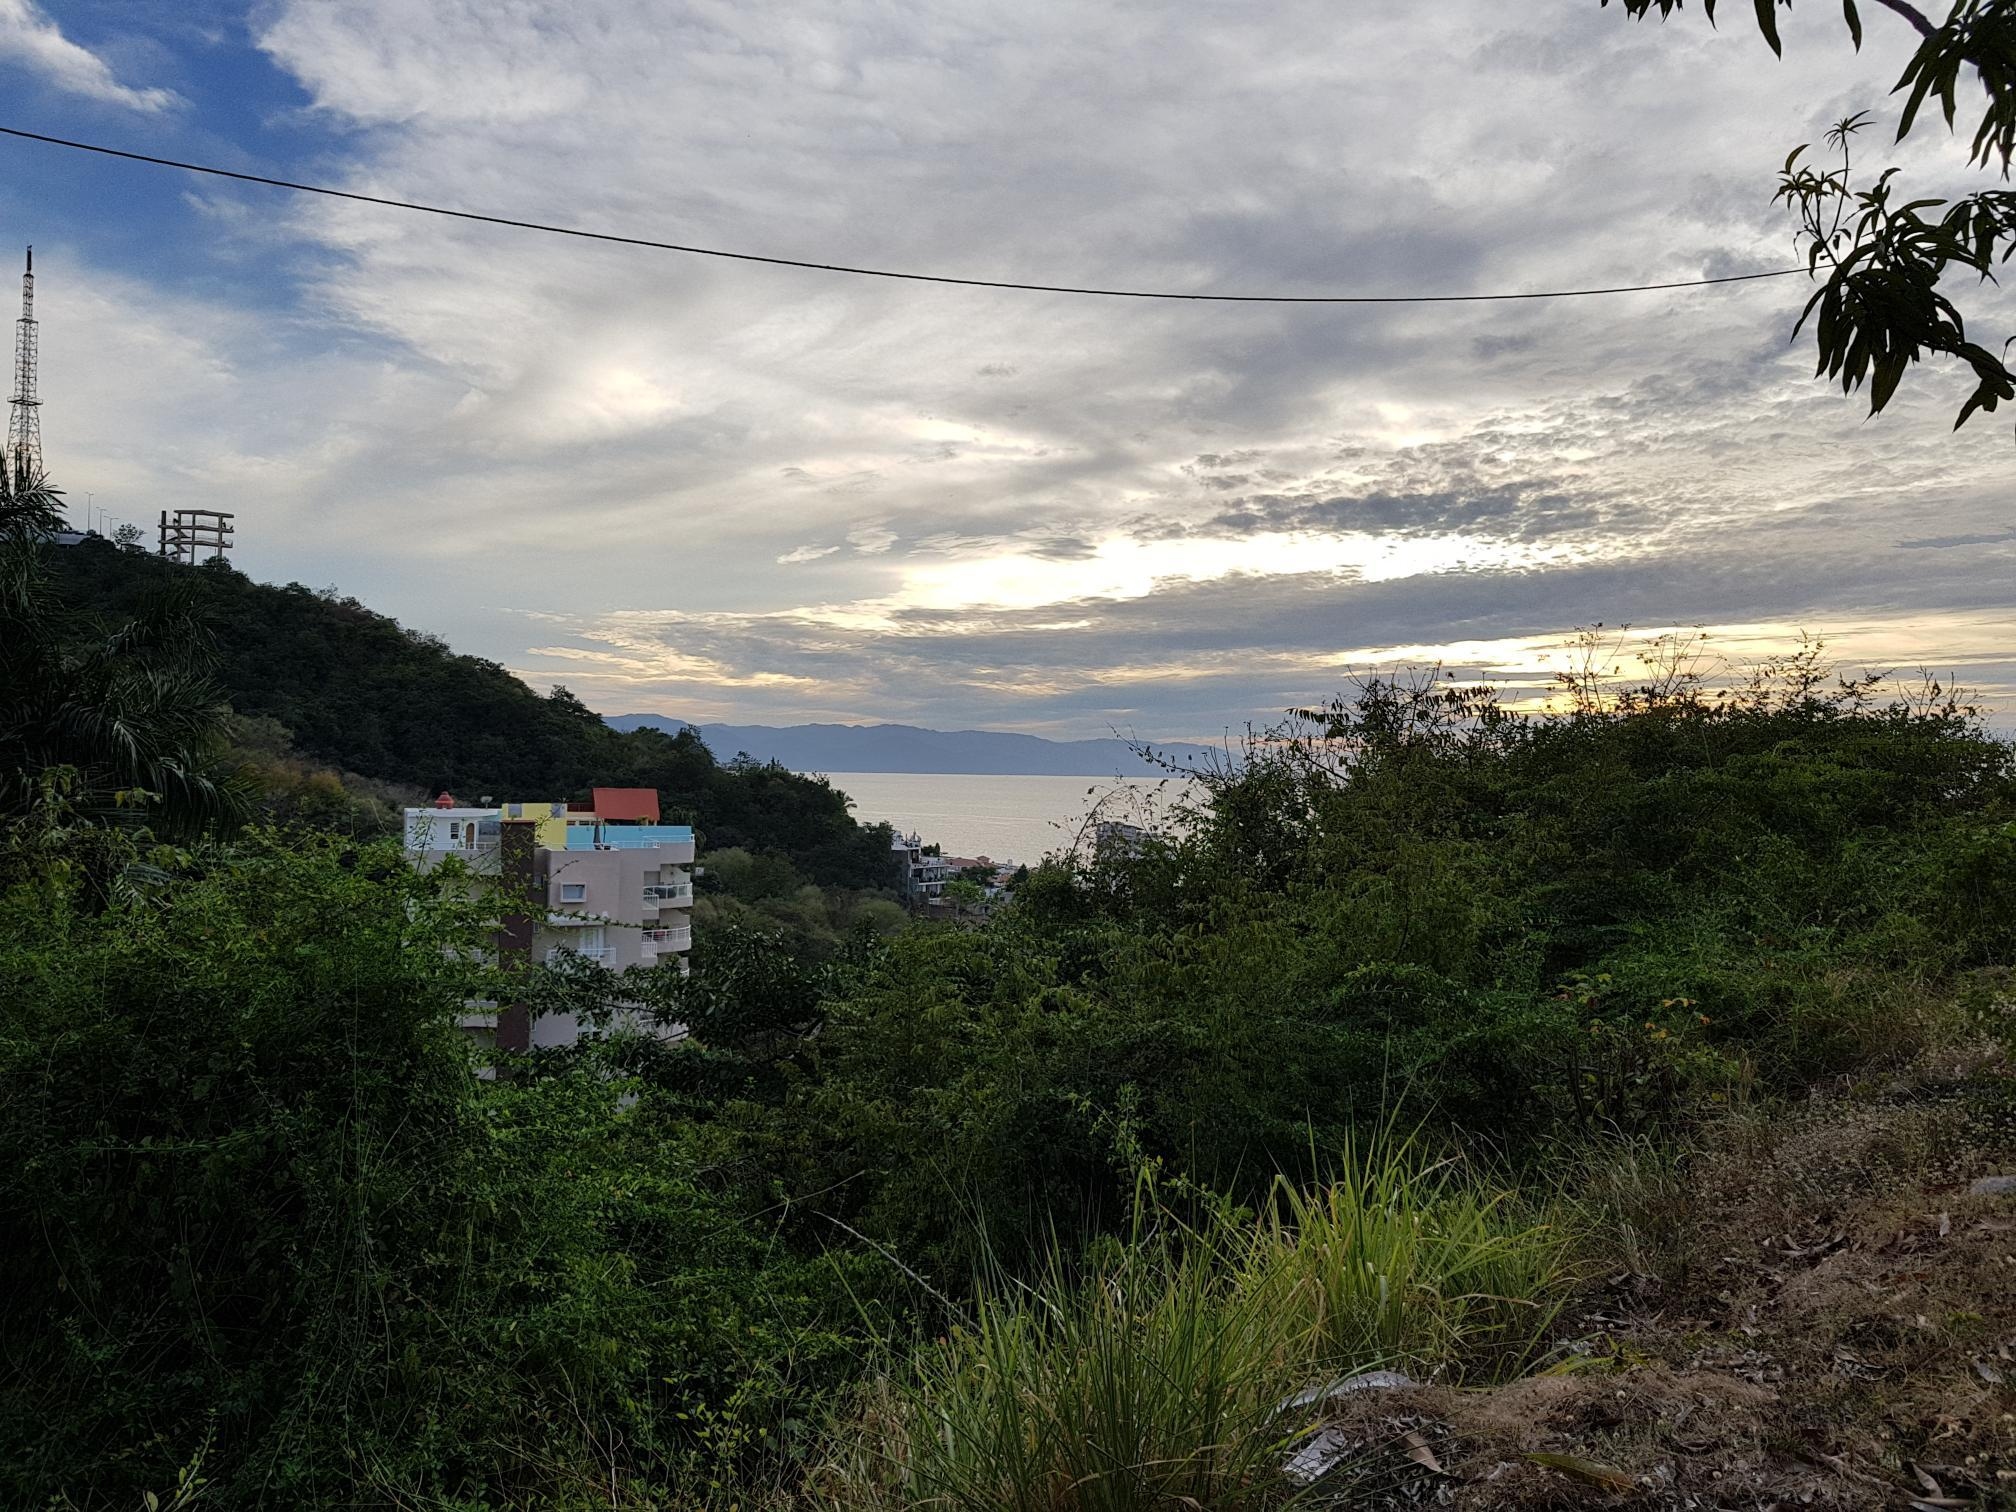 Lote Jamaica